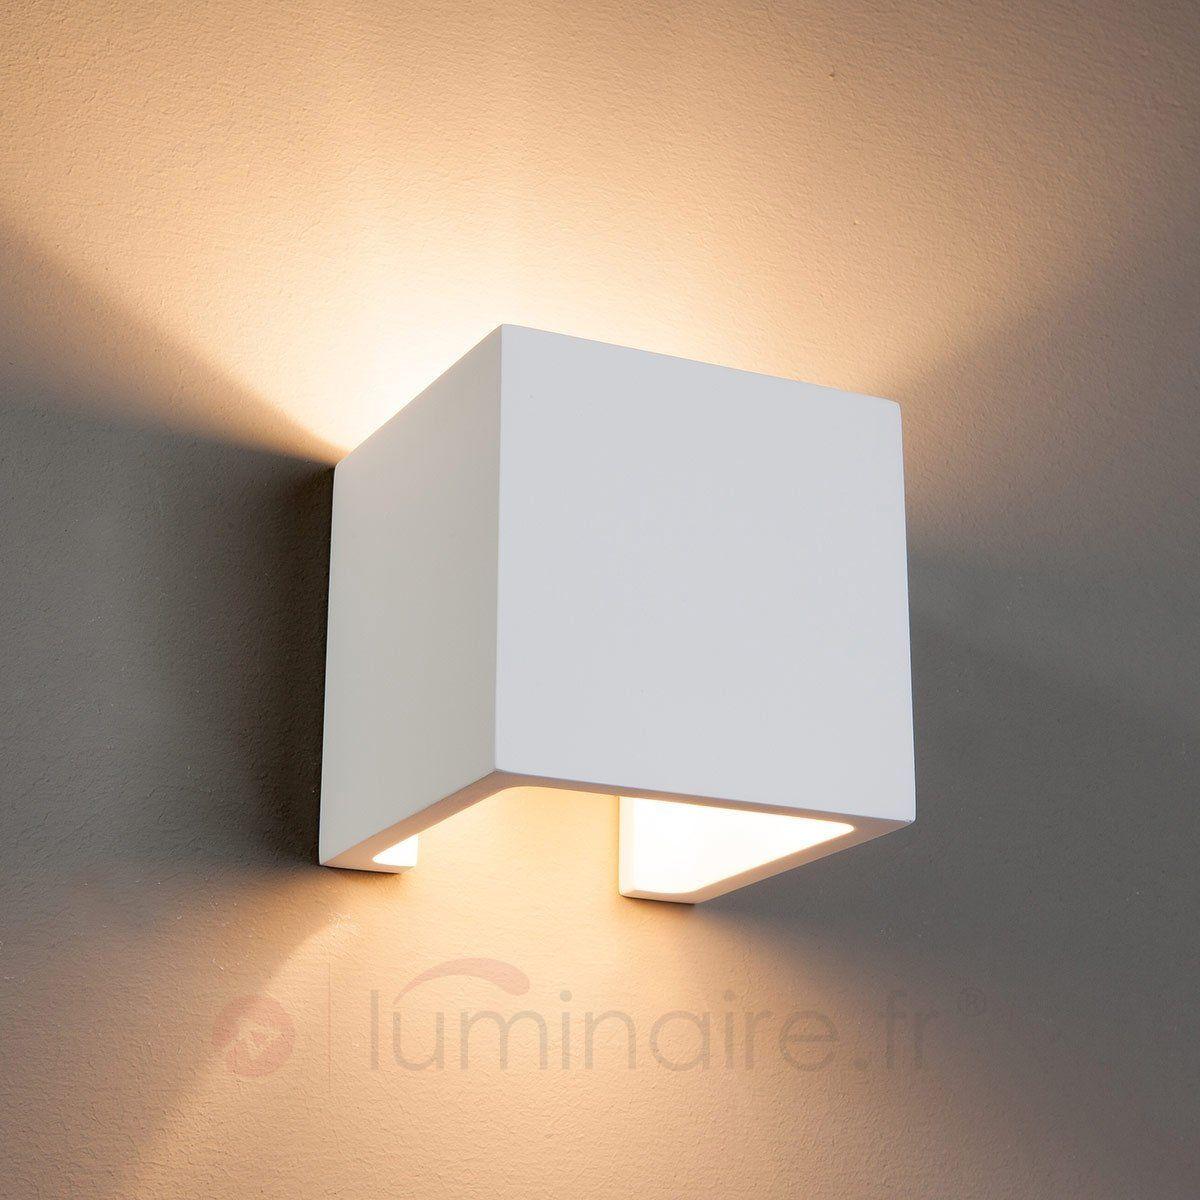 applique murale halog ne freja en pl tre id es pour la. Black Bedroom Furniture Sets. Home Design Ideas